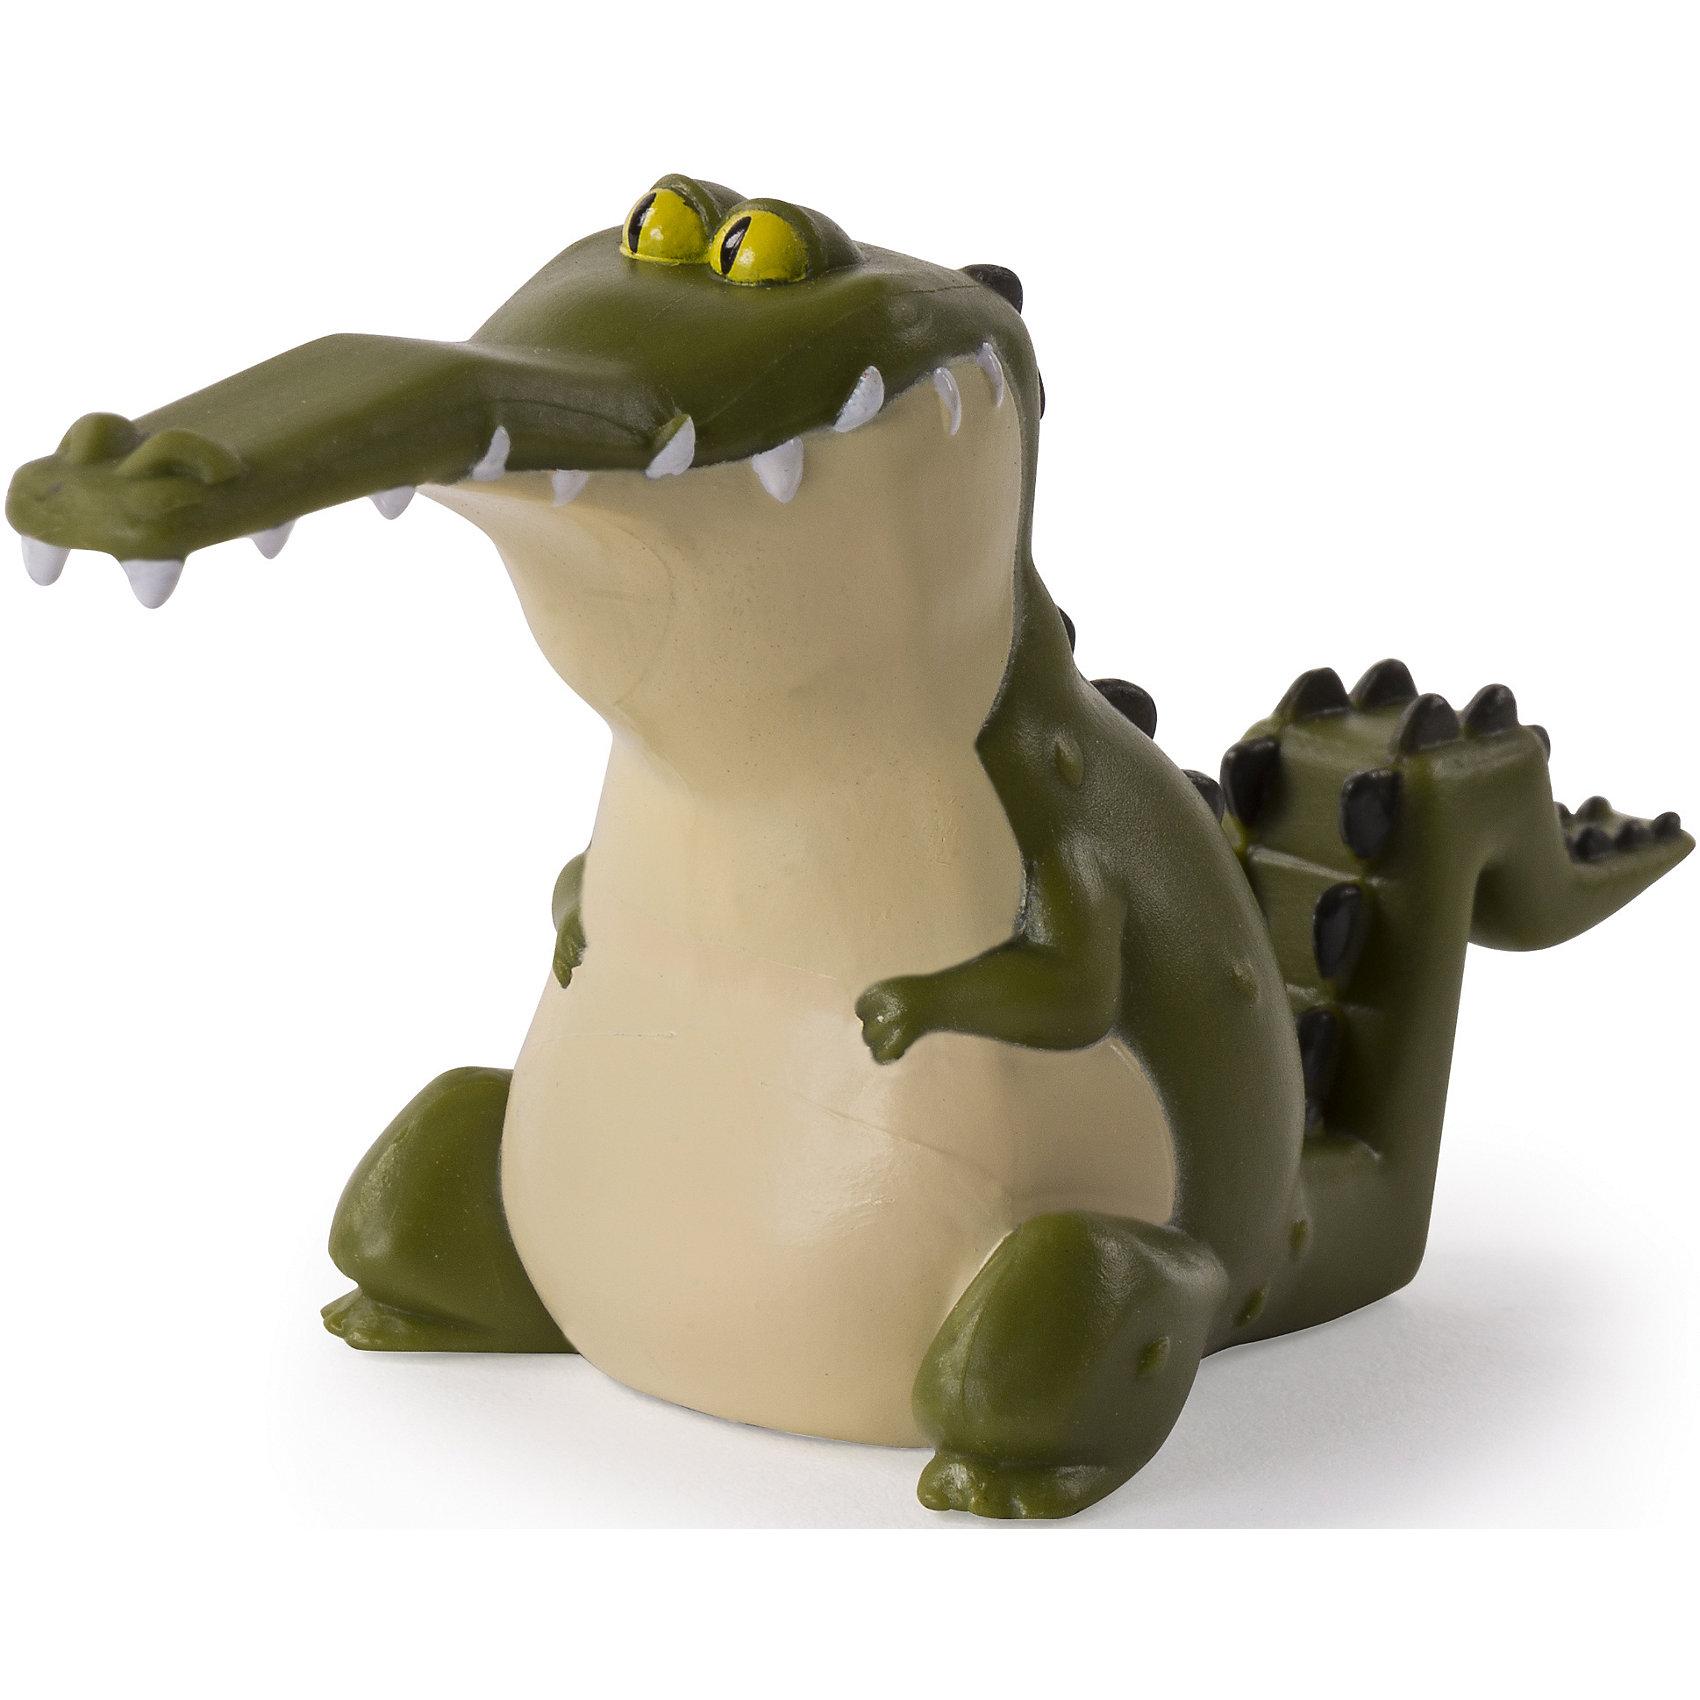 - Мини-фигурка Крокодил, Тайная жизнь домашних животных тайная жизнь михаила шолохова документальная хроника без легенд